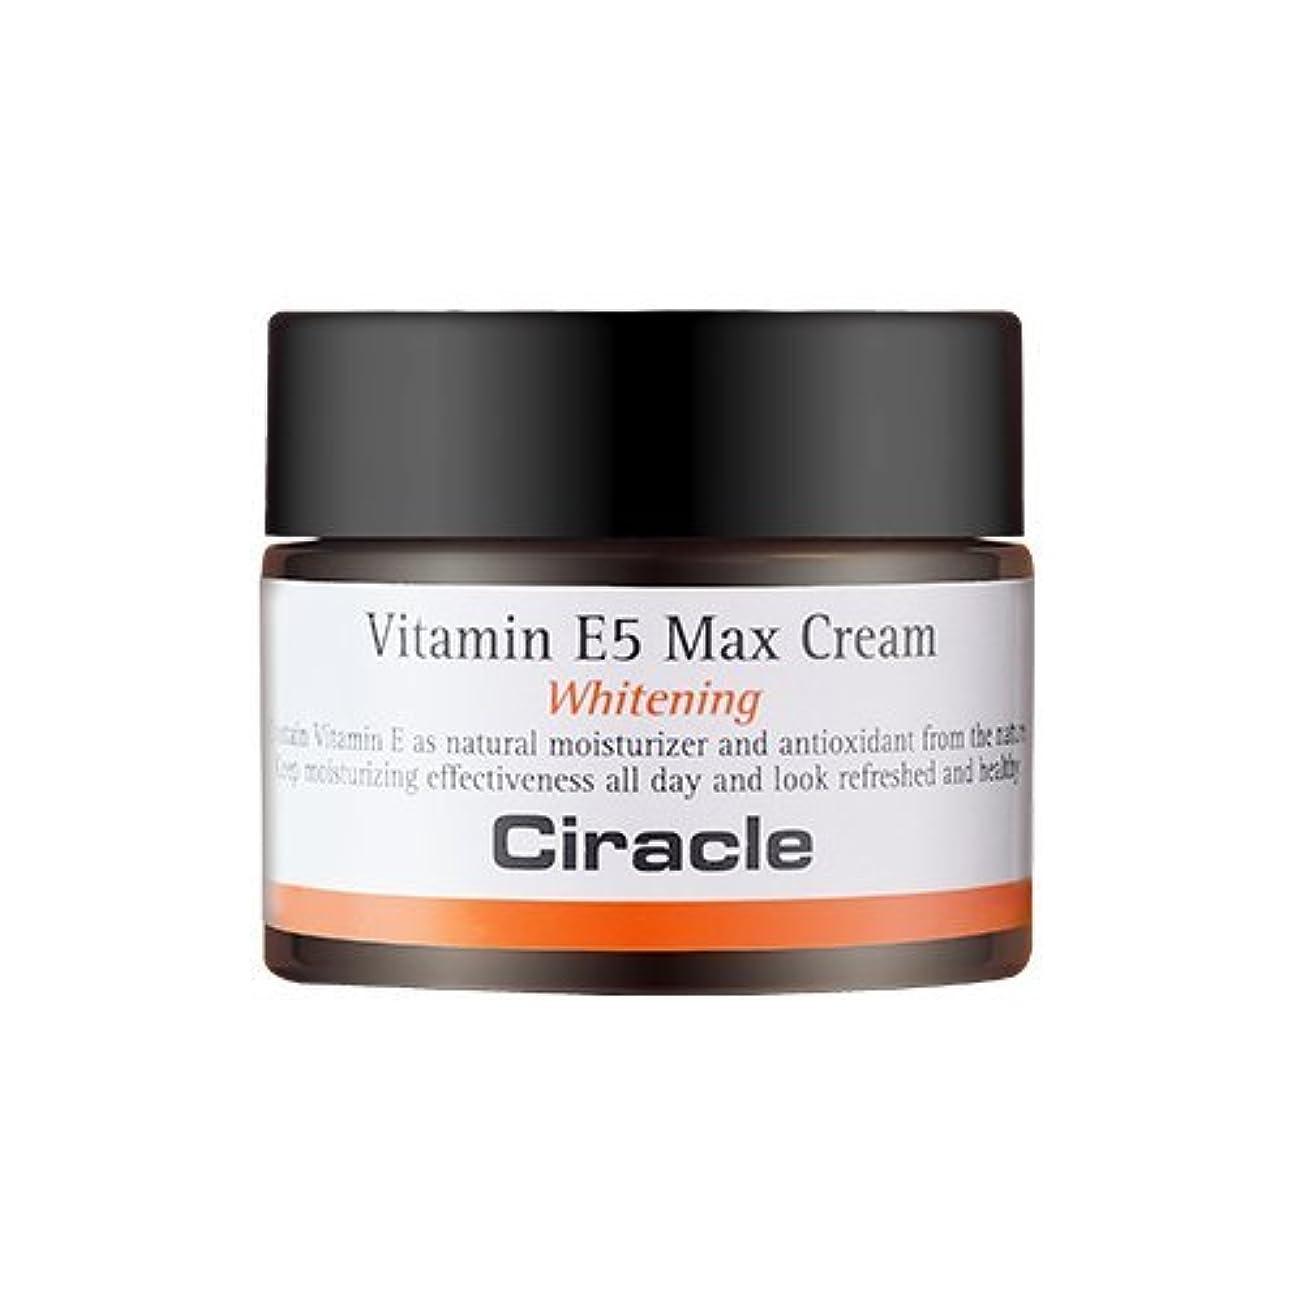 はげ年金バーターCiracle Vitamin E5 Max Cream シラクル ビタミンE5 マックス クリーム 50ml [並行輸入品]